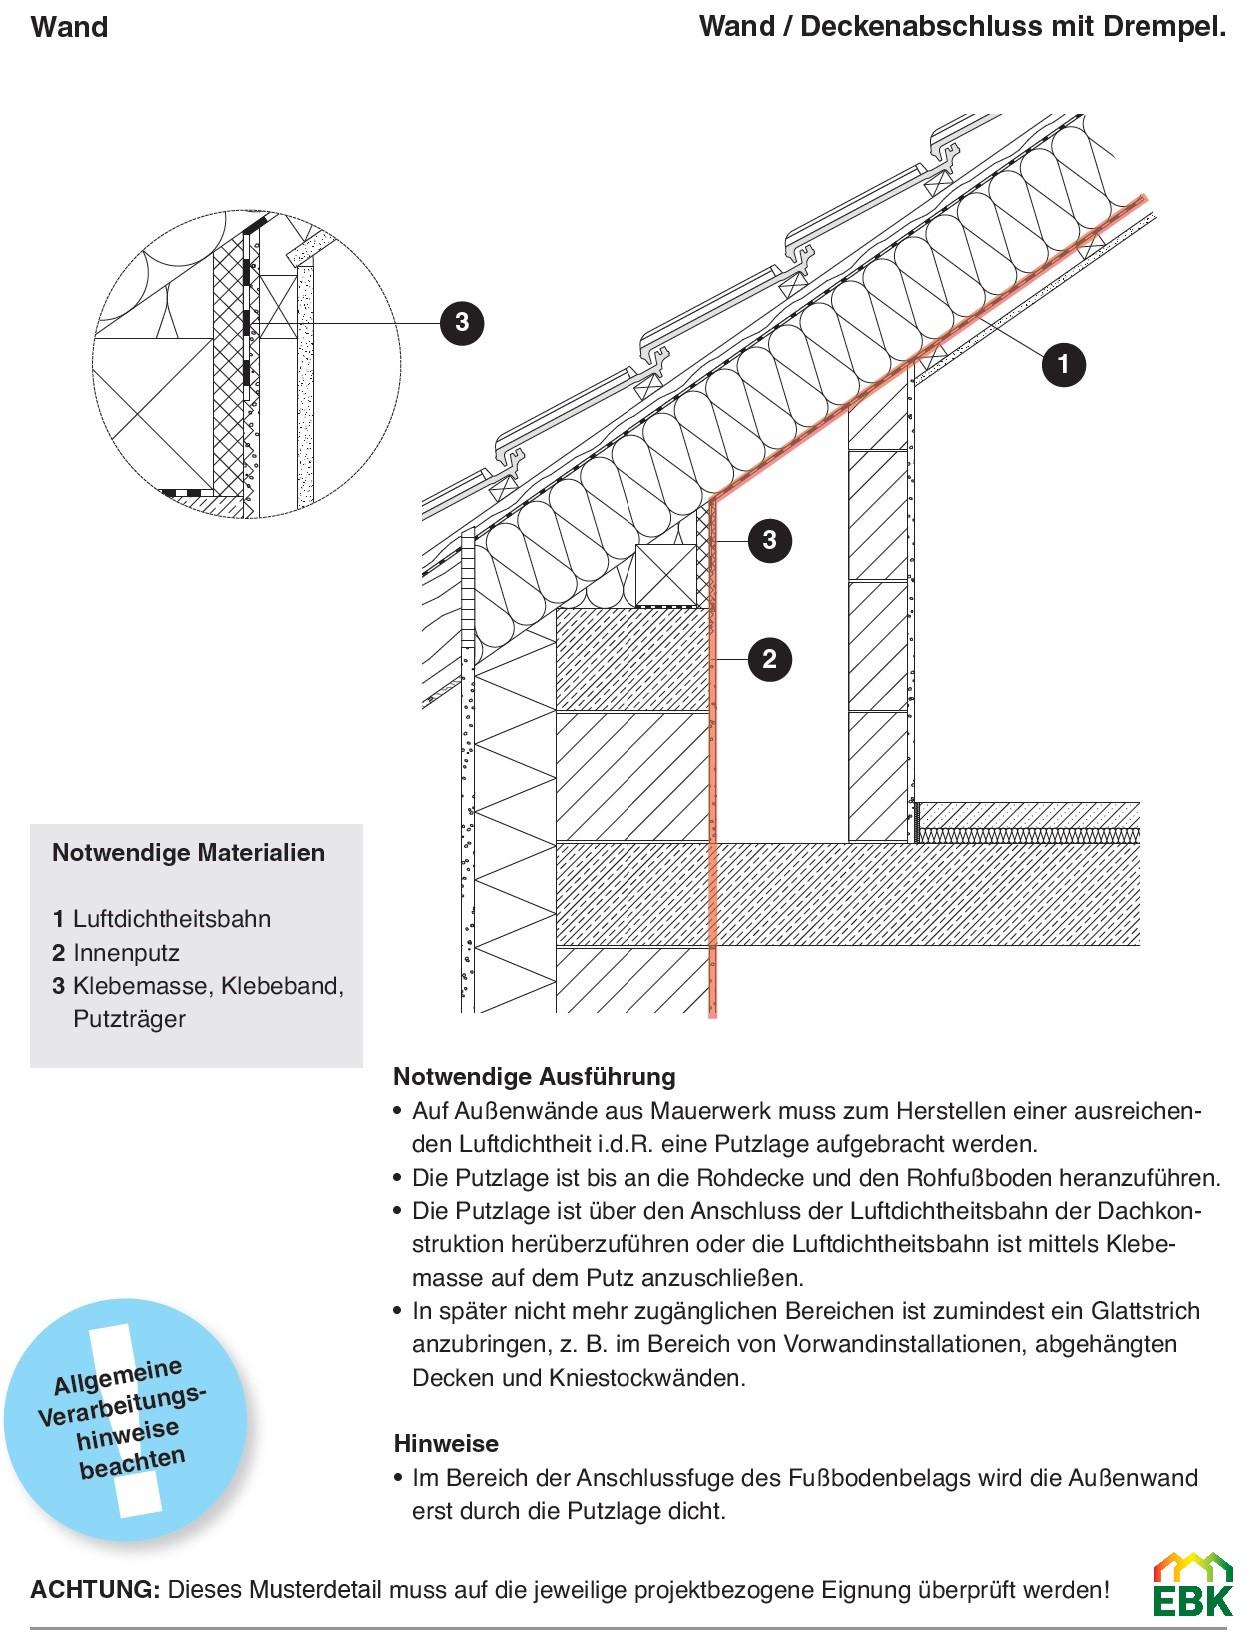 Wand- Deckenanschluss bei Trempel (Kniestock)